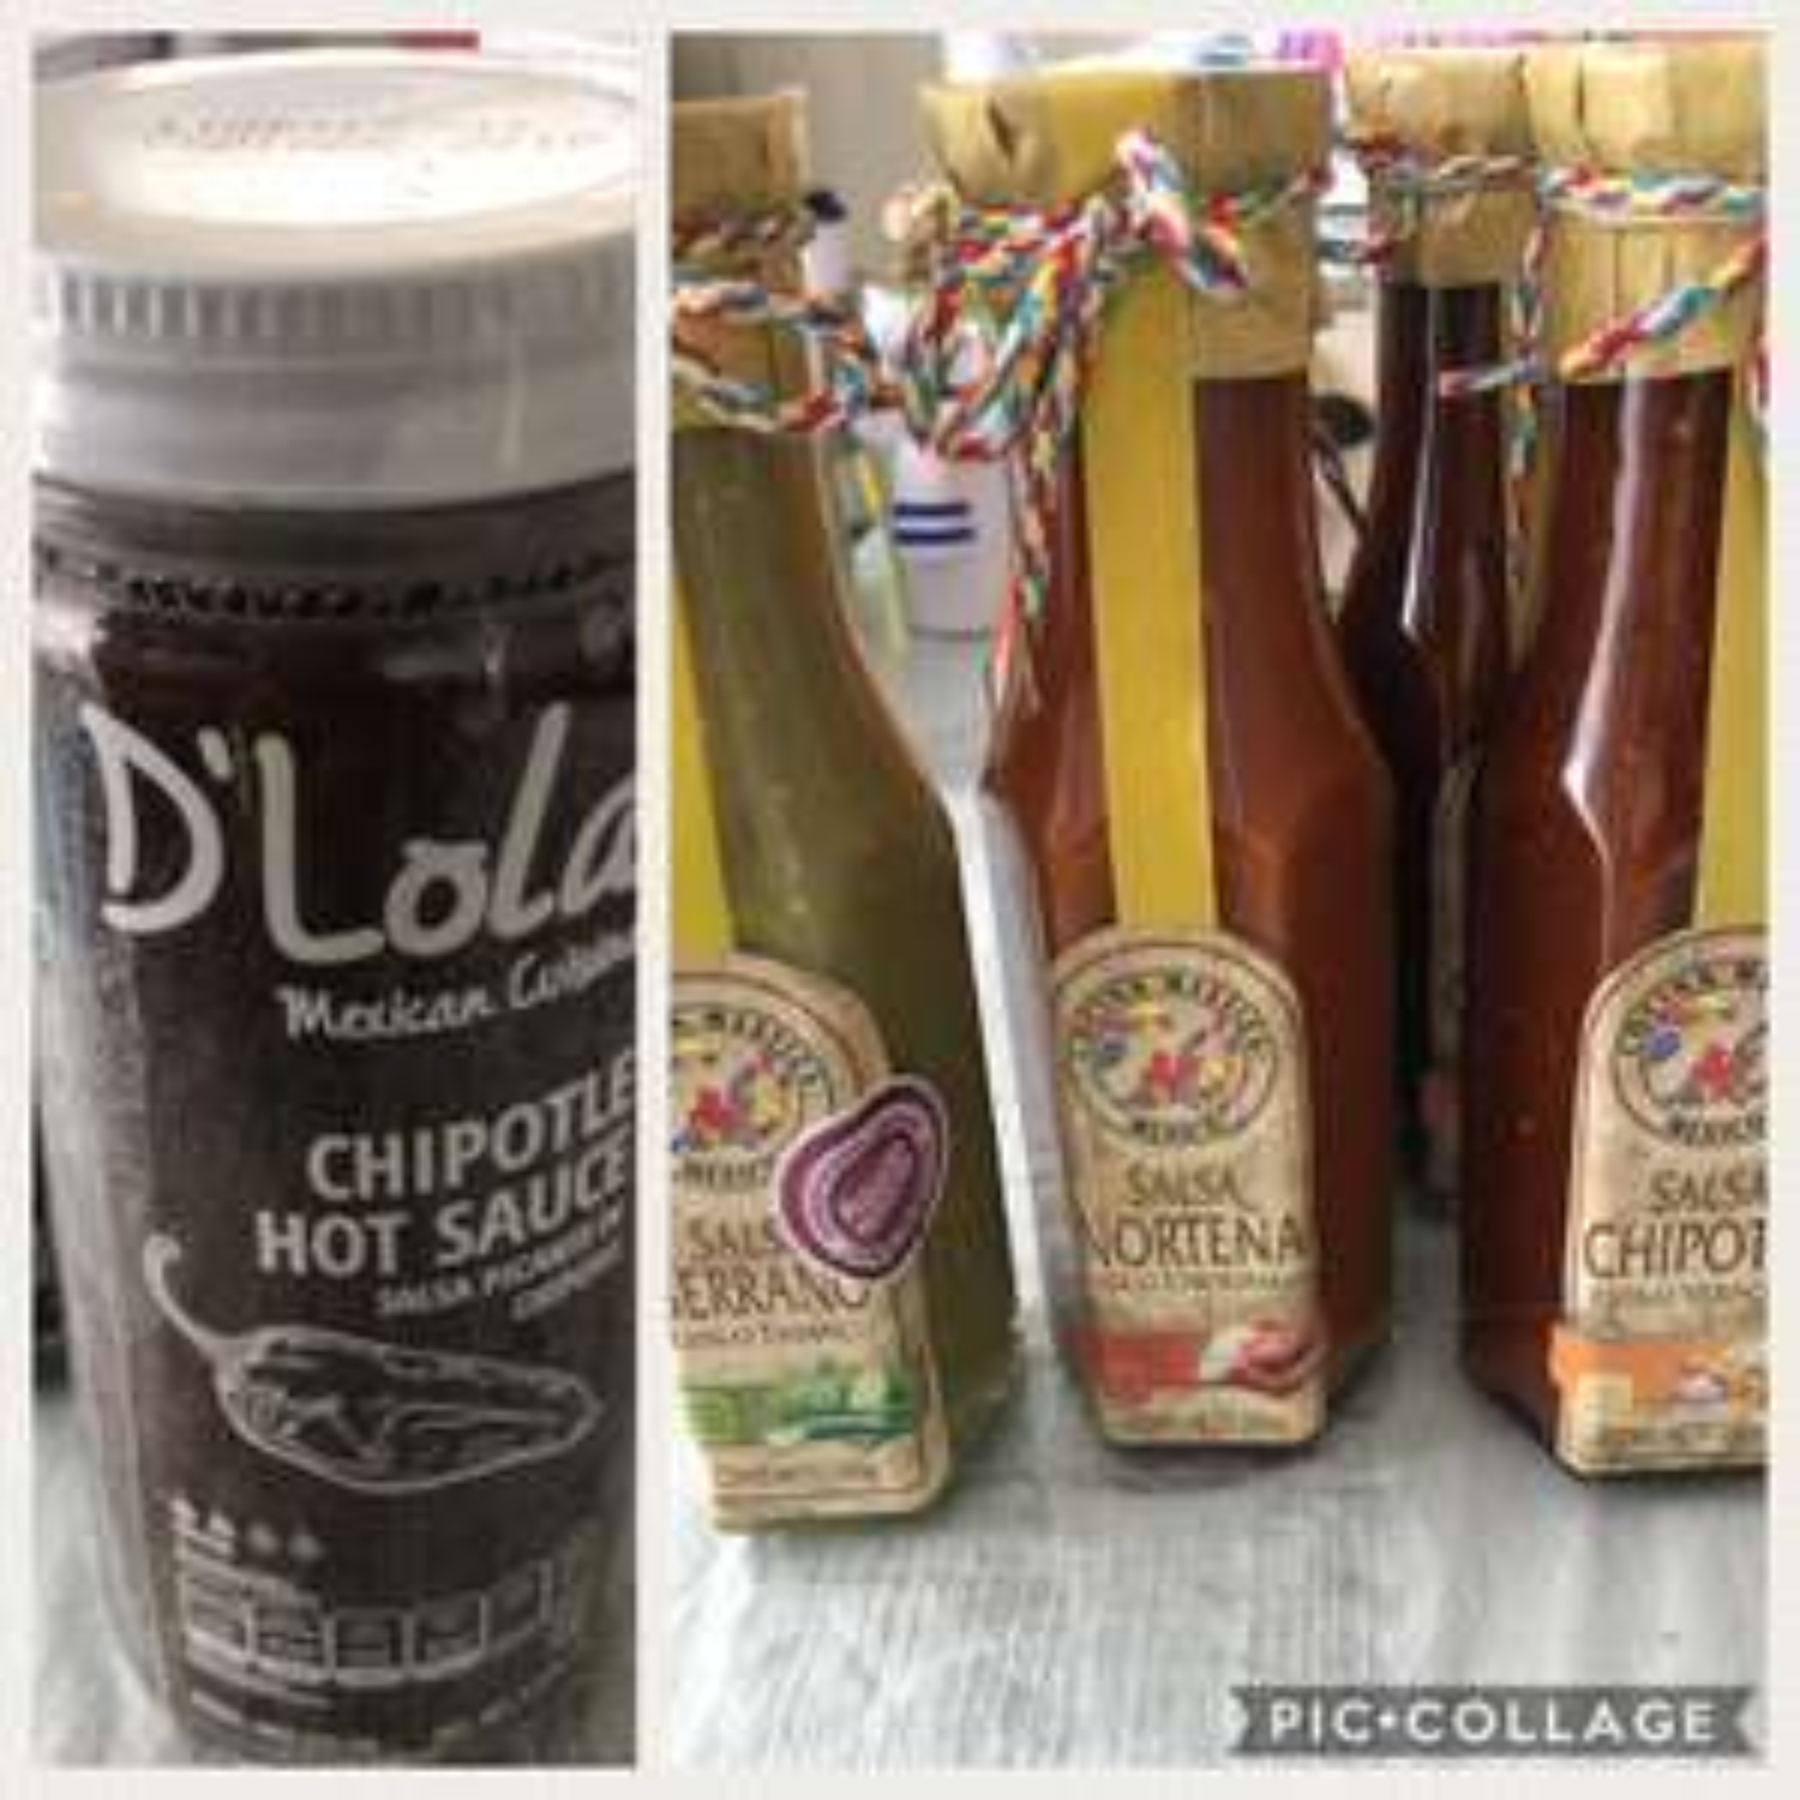 Walmart Metepec: salsa chipotle $7.01, salsas mestiza $10.01 y $11.01 emperador chocolate $10.03 toallitas p/acero inox. $7.03 1